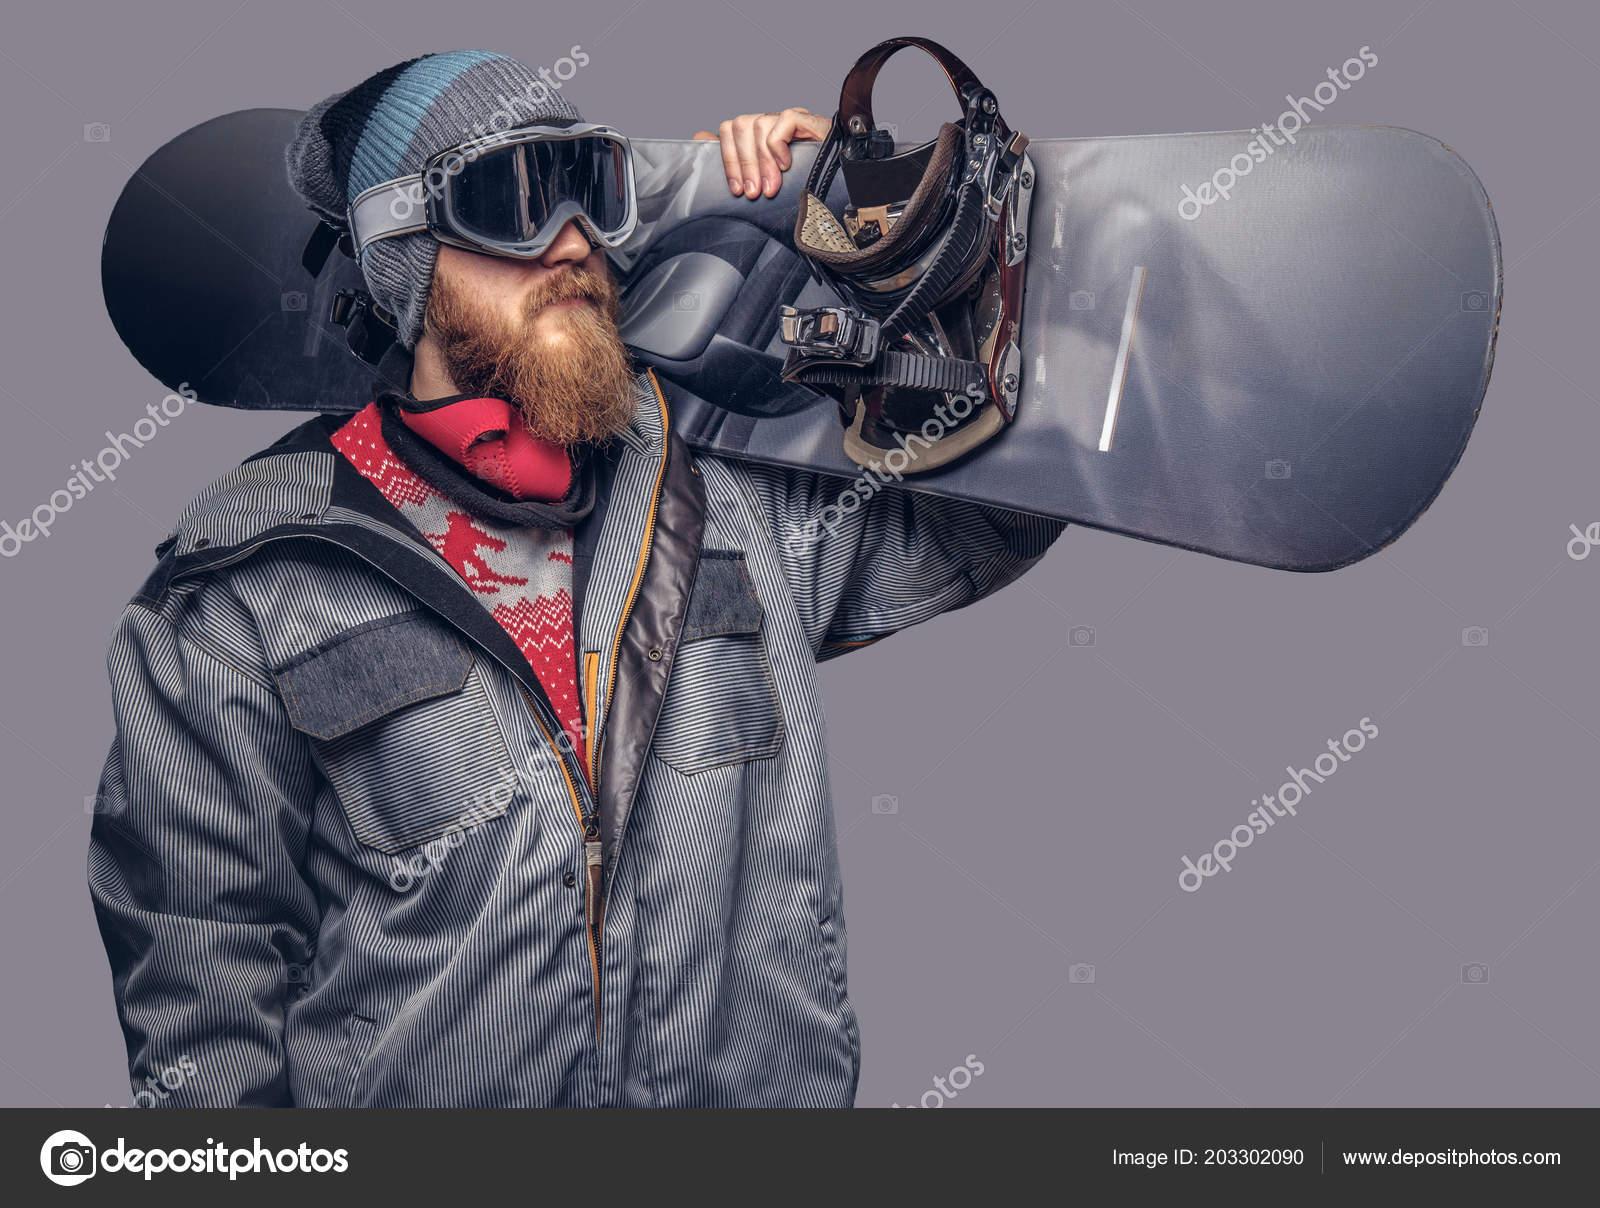 f96117c8d1df Портрет Сноубордист Одетые Полное Защитное Снаряжение Экстримального  Сноубординга ...